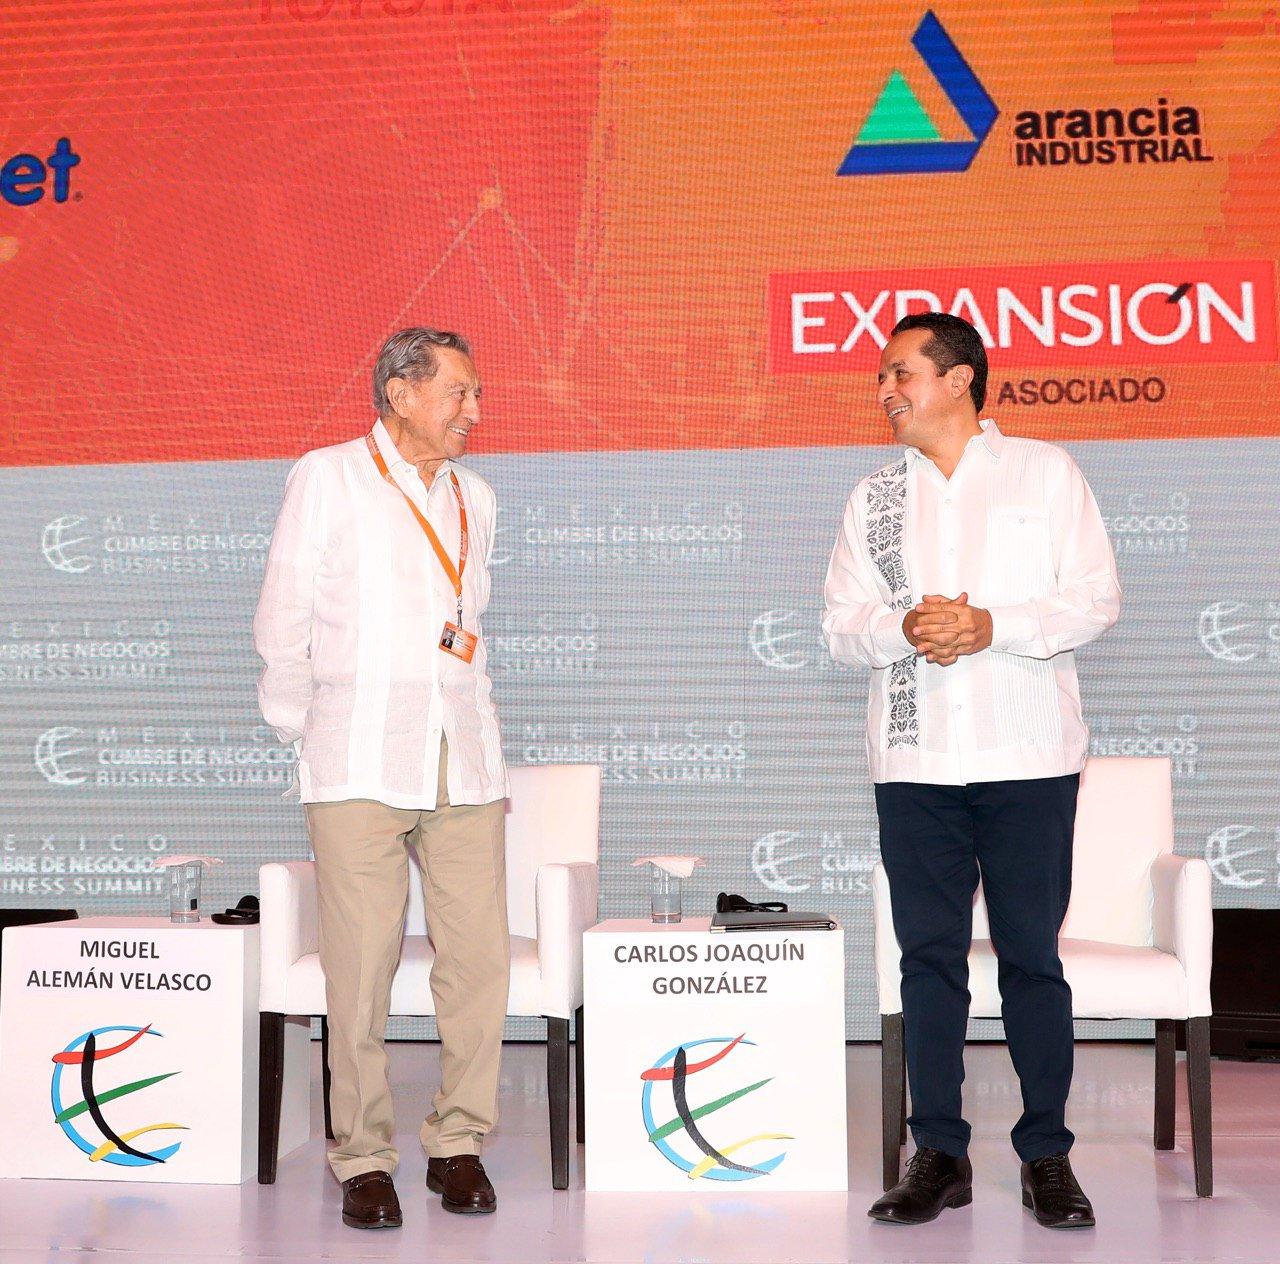 """CUMBRE DE NEGOCIOS EN CANCÚN: Recibe Quintana Roo a líderes empresariales, académicos e inversionistas para planear estrategias de crecimiento; el estado, """"aliado confiable"""", asegura el Gobernador"""